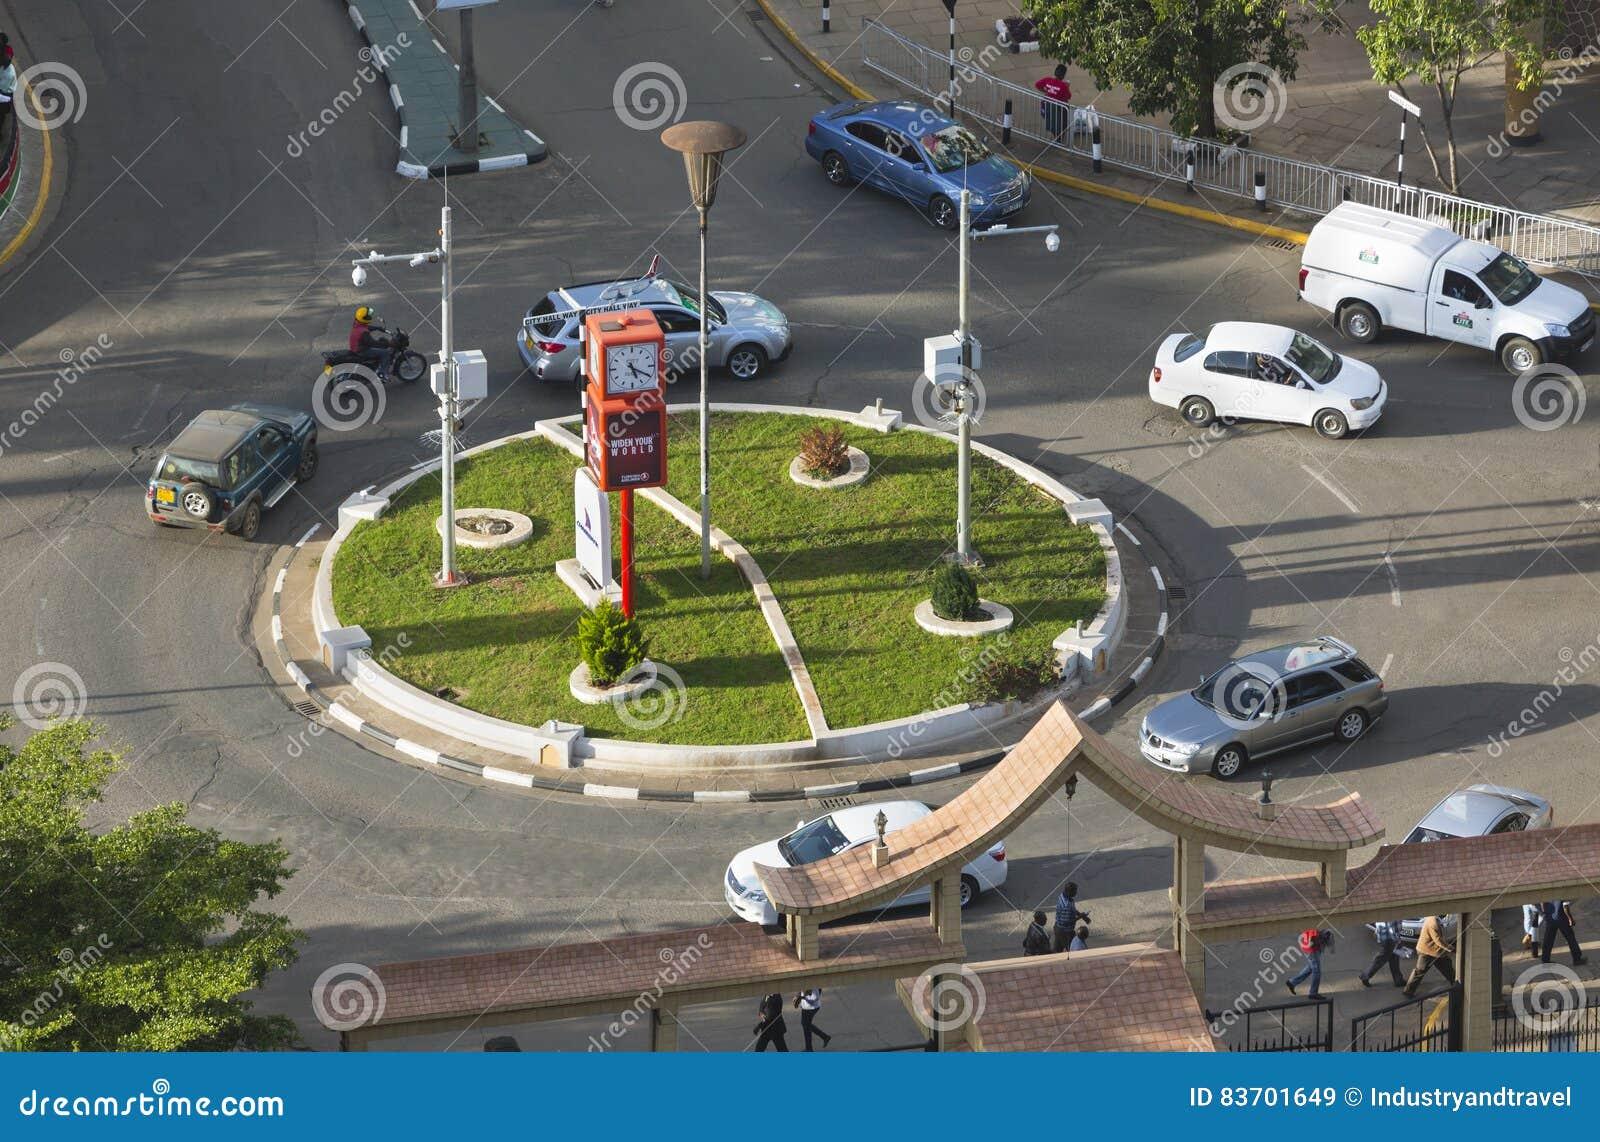 Roundabout At City Hall Road In Nairobi, Kenya, Editorial Editorial Stock Image